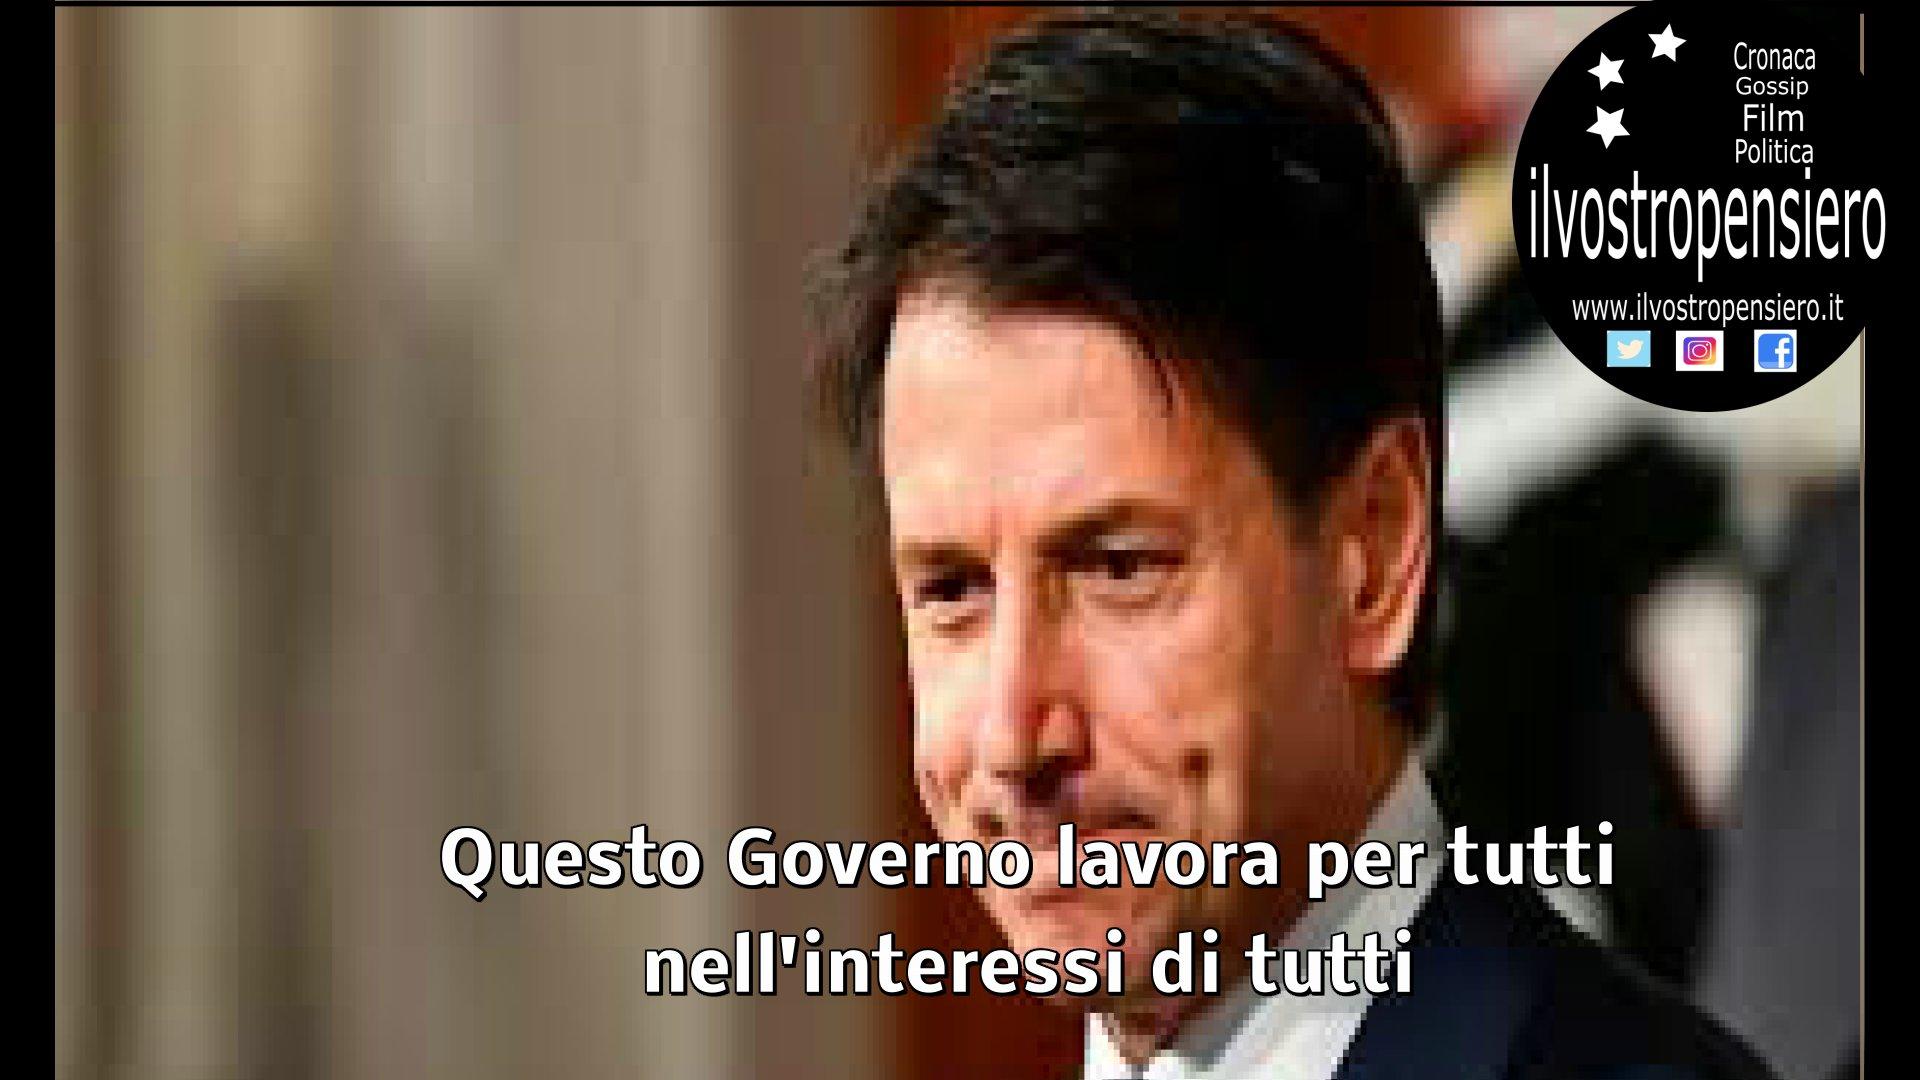 Giuseppe Conte: Questo Governo lavora per tutti, nell'interesse di tutti. (guarda il video)